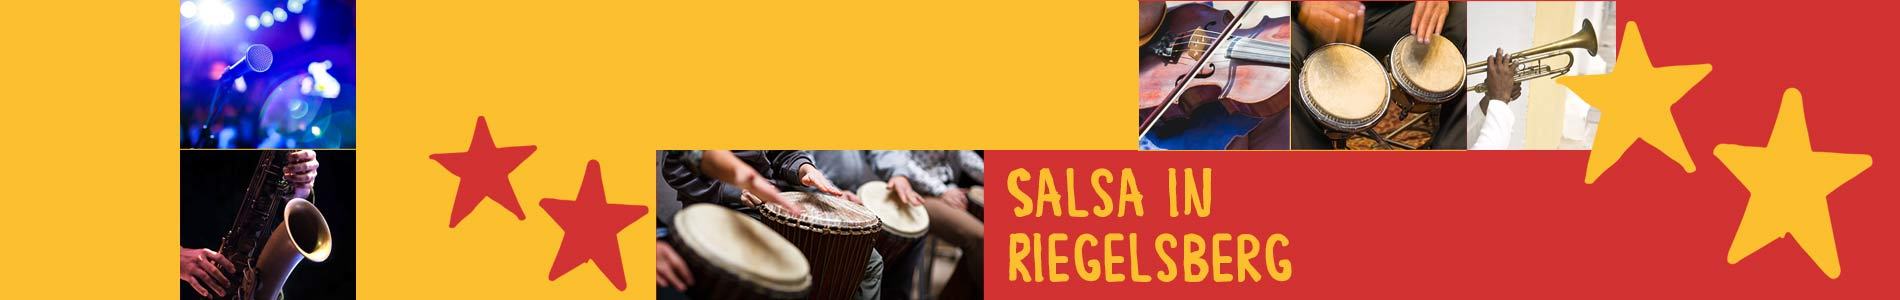 Salsa in Riegelsberg – Salsa lernen und tanzen, Tanzkurse, Partys, Veranstaltungen